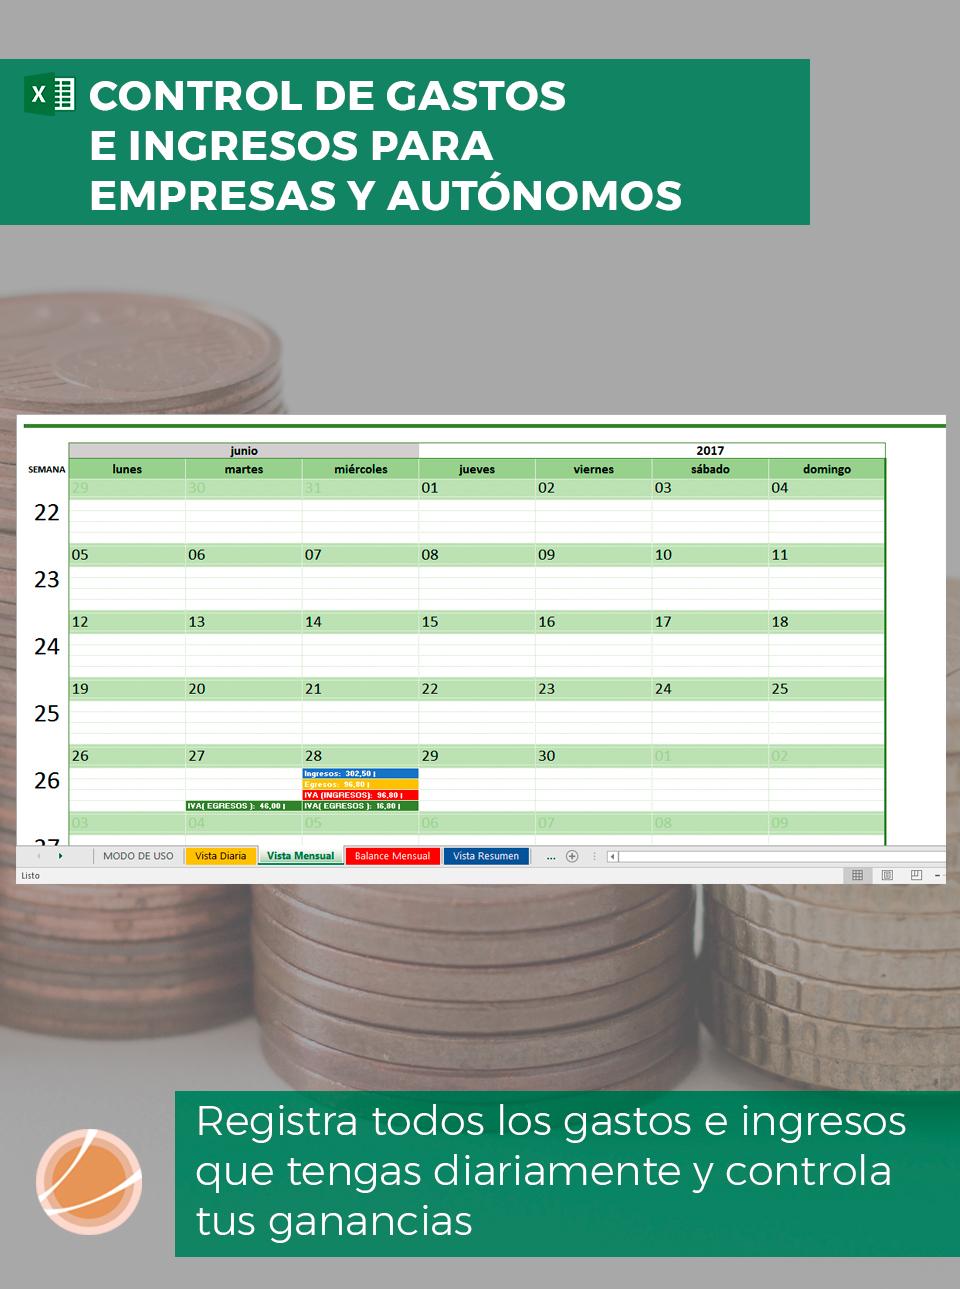 Controla los gastos e ingresos